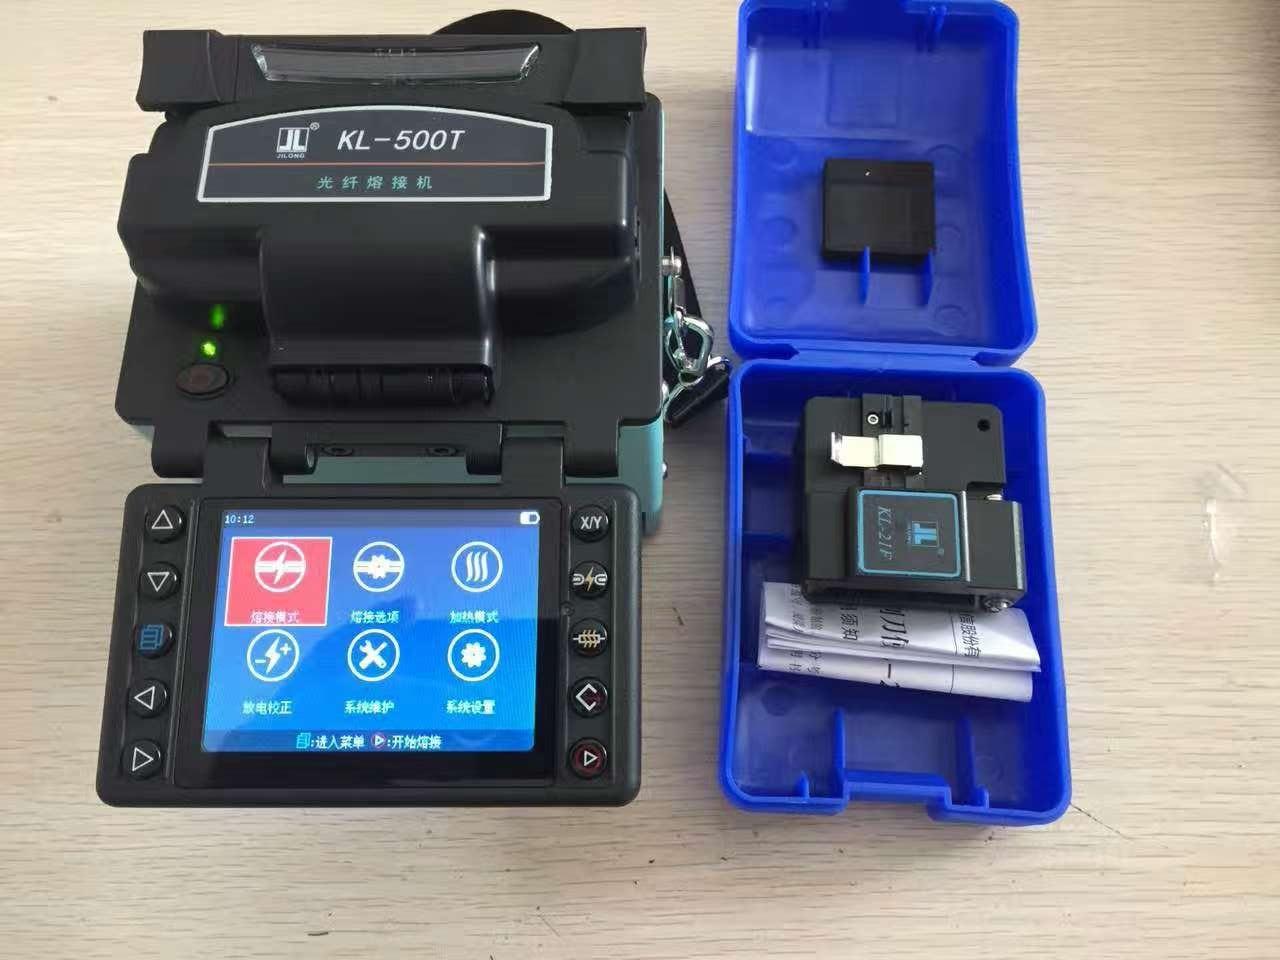 吉隆KL-500T光纤熔接机全新智能湖北武汉新有光通信